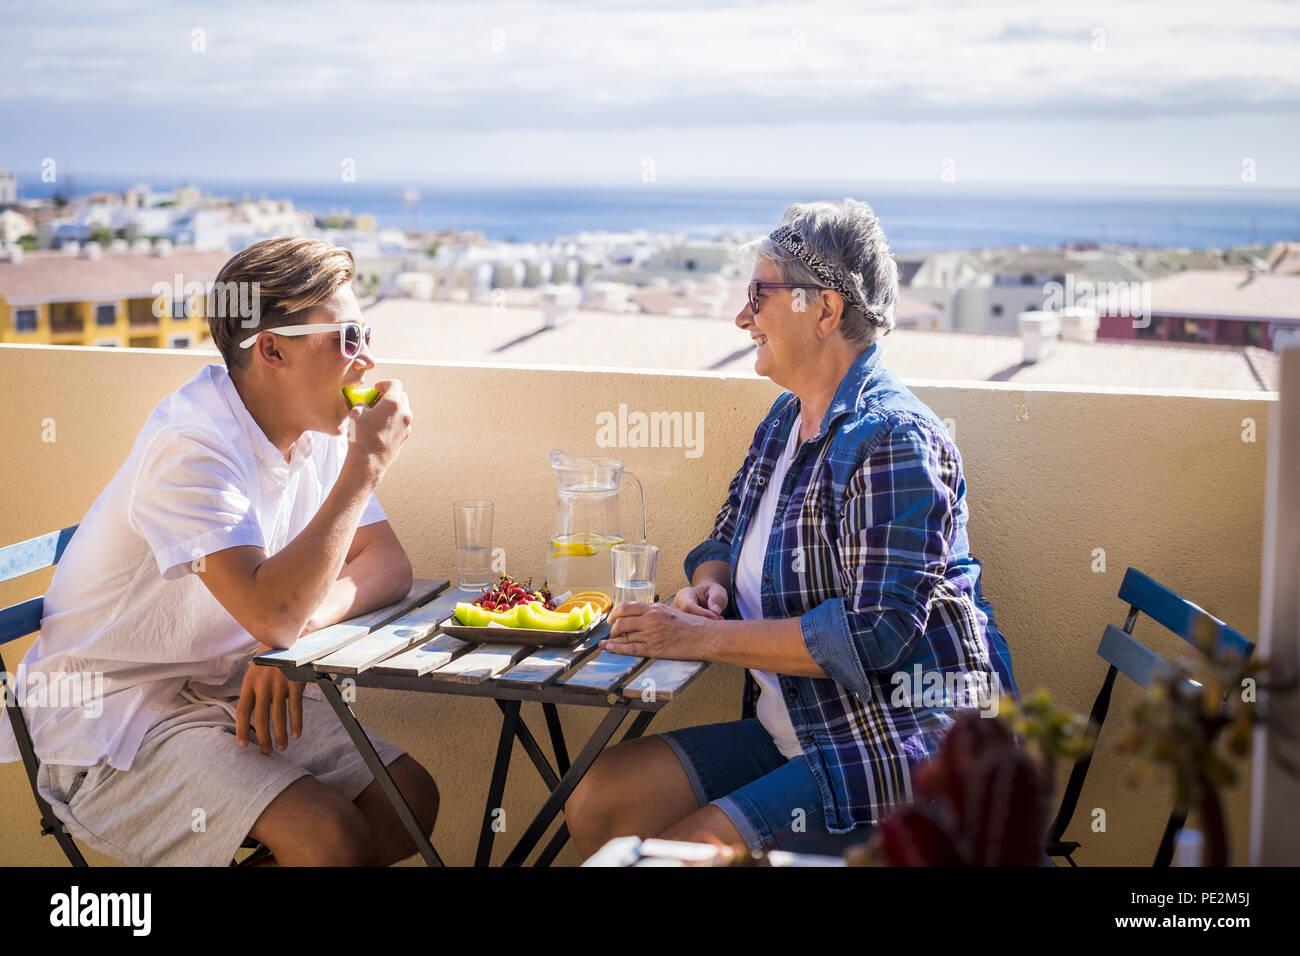 Gerne Freizeitaktivitäten Aktivität auf der Terrasse das Frühstück auf der Dachterrasse mit einem Lächeln und Glück für Großmutter und Teenager Familie kaukasischen Völker. Ozean ein Stockbild